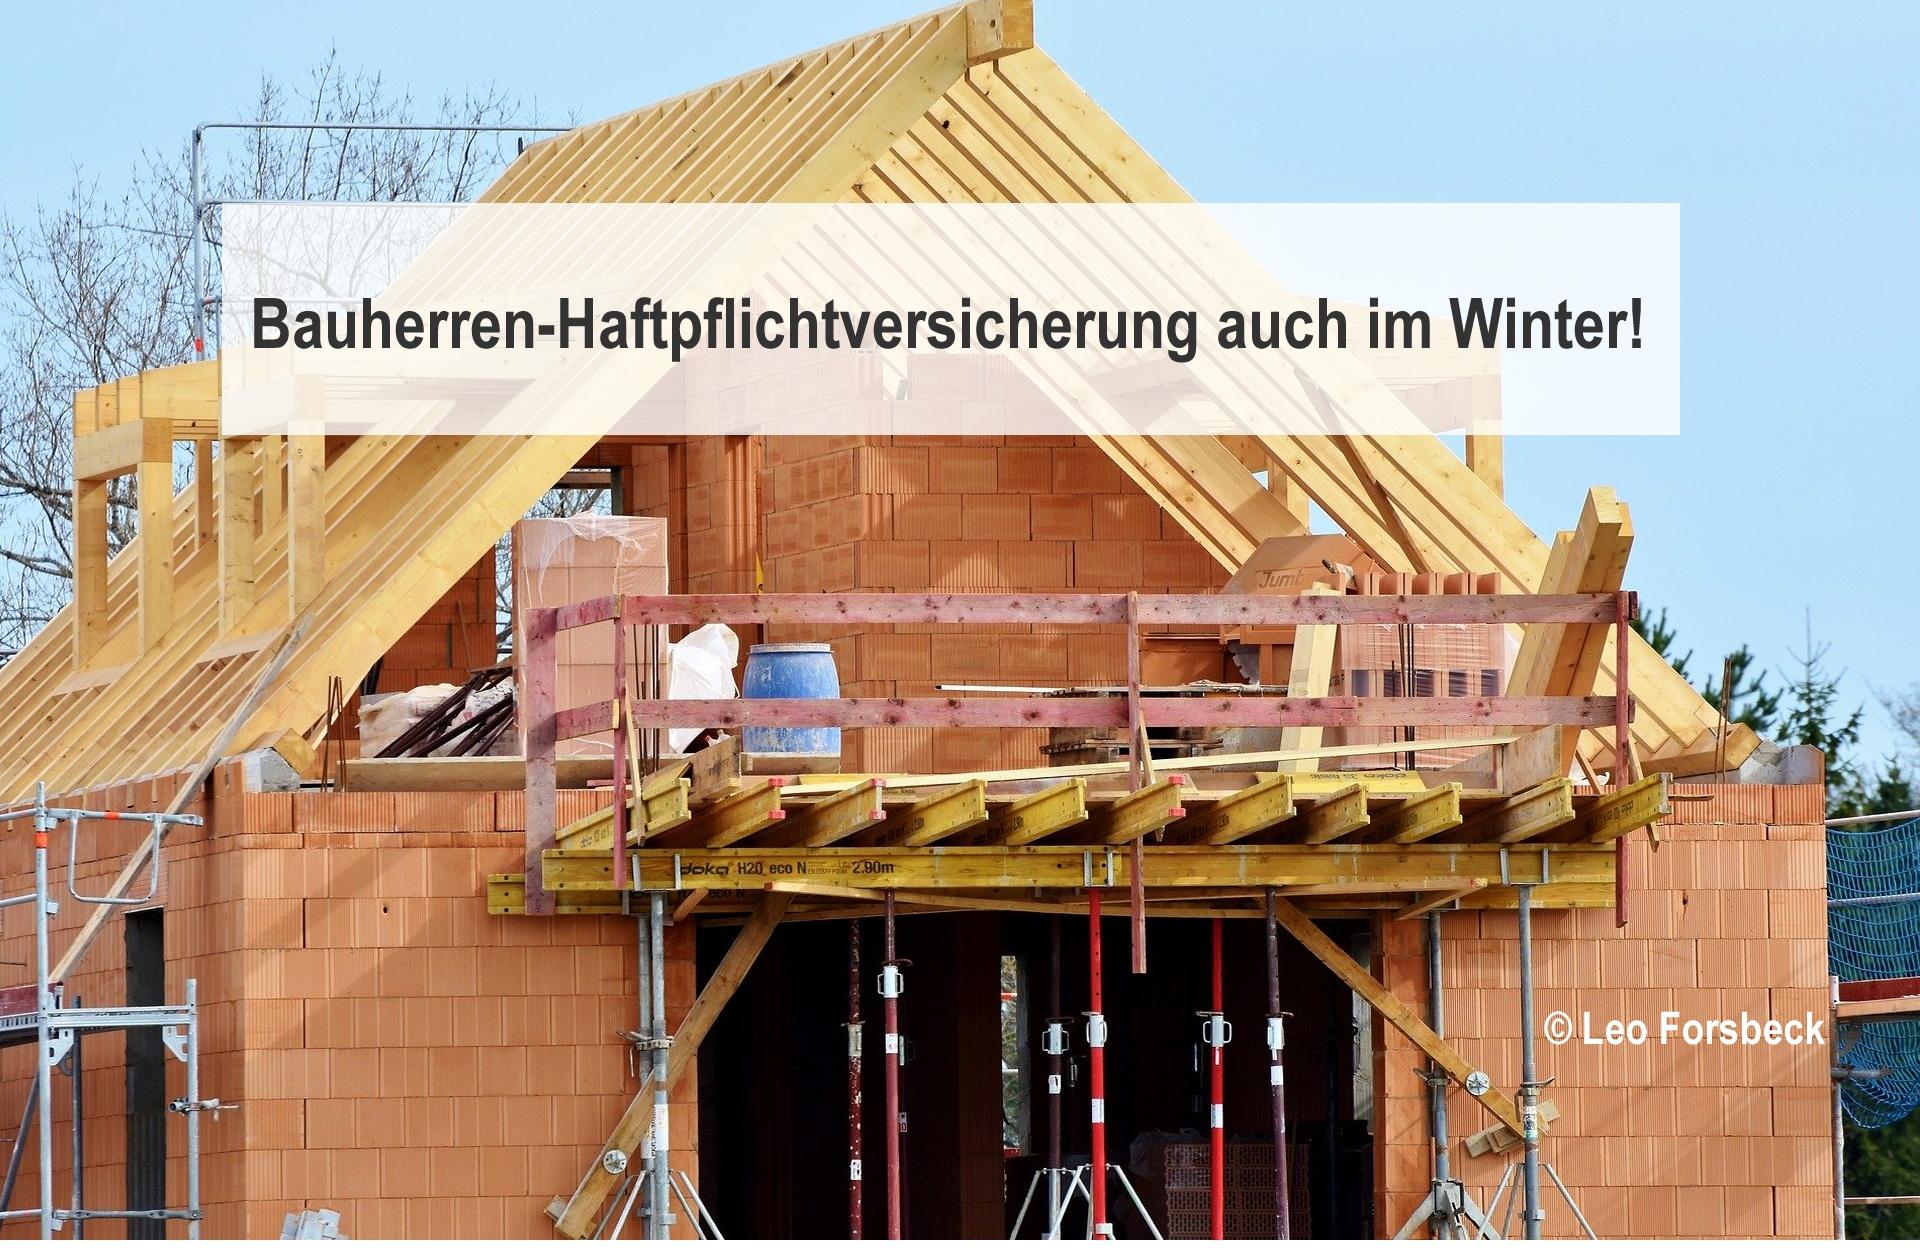 Bauherrenhaftpflicht auch im Winter